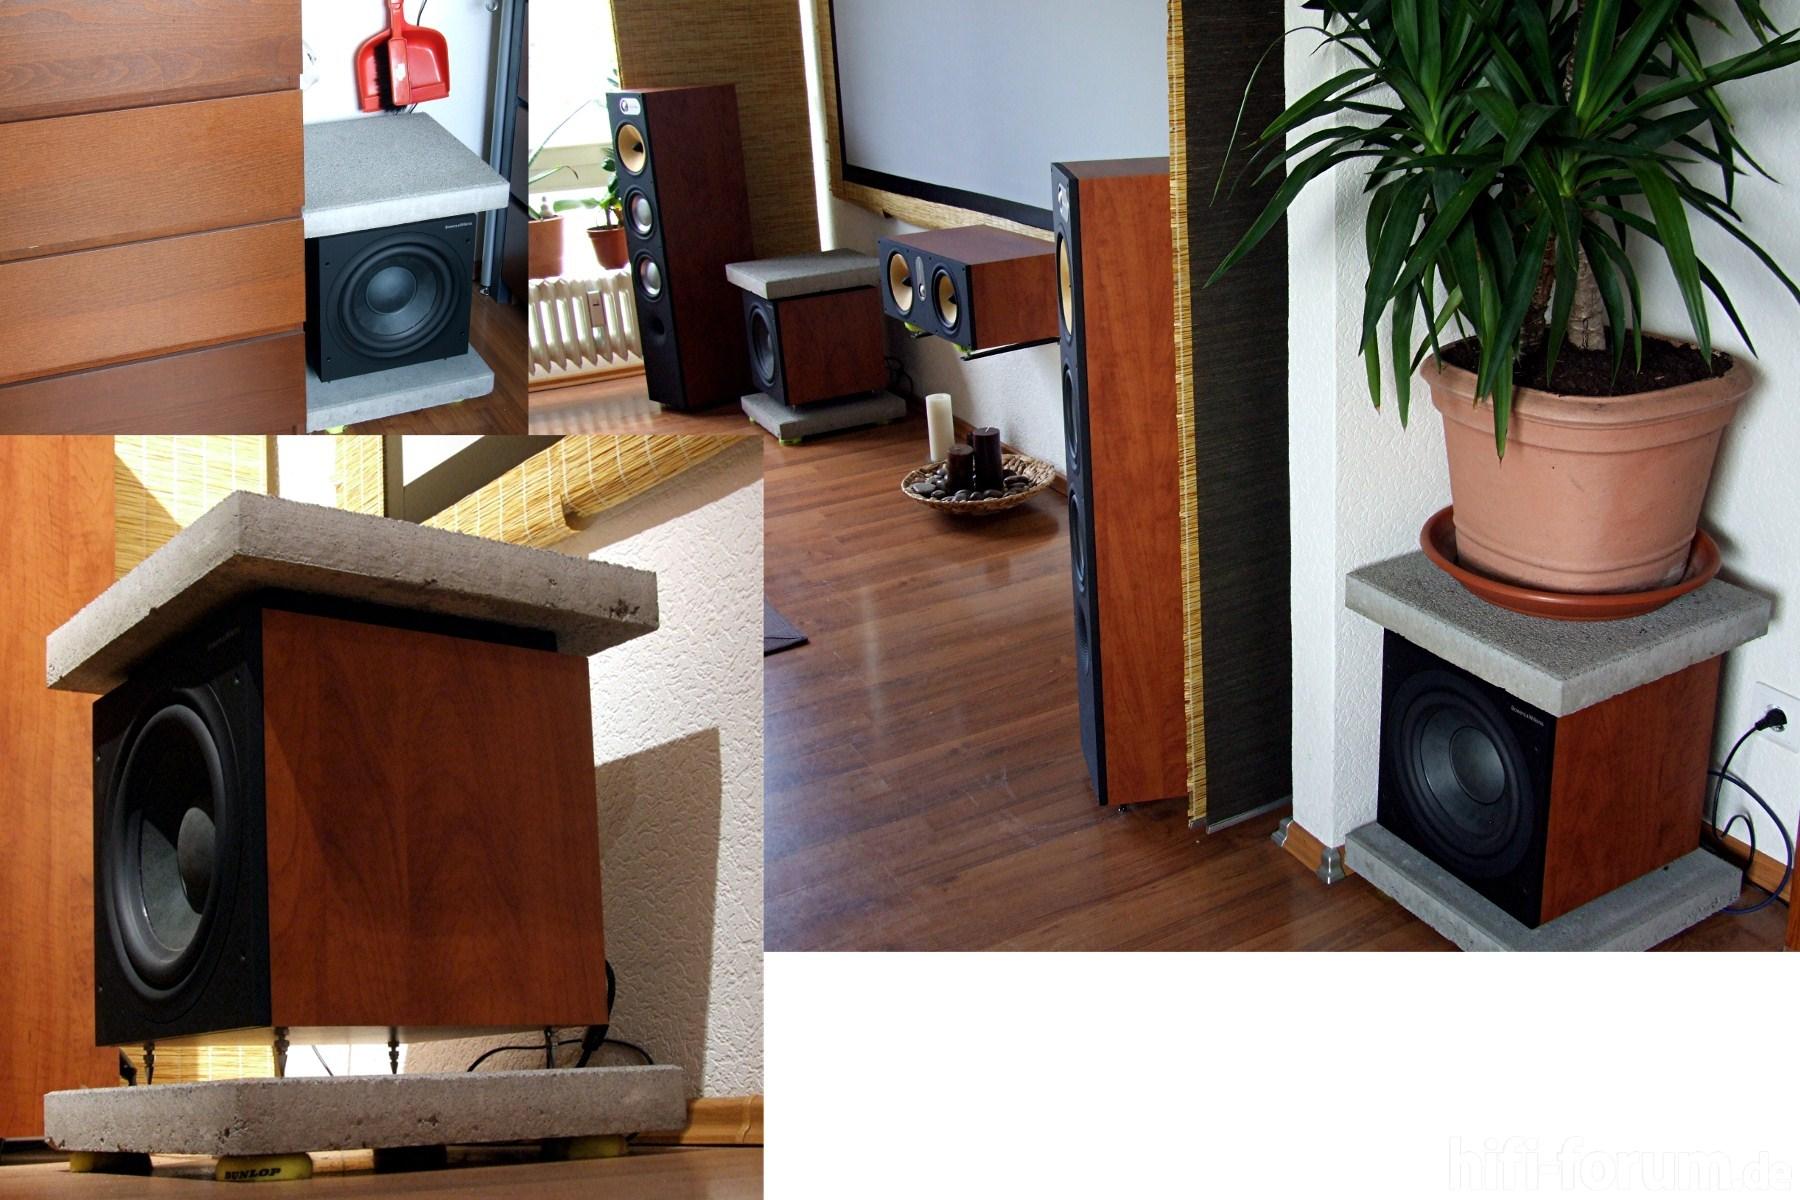 asw 610 aufstellung asw aufstellung lautsprecher stereo hifi bildergalerie. Black Bedroom Furniture Sets. Home Design Ideas